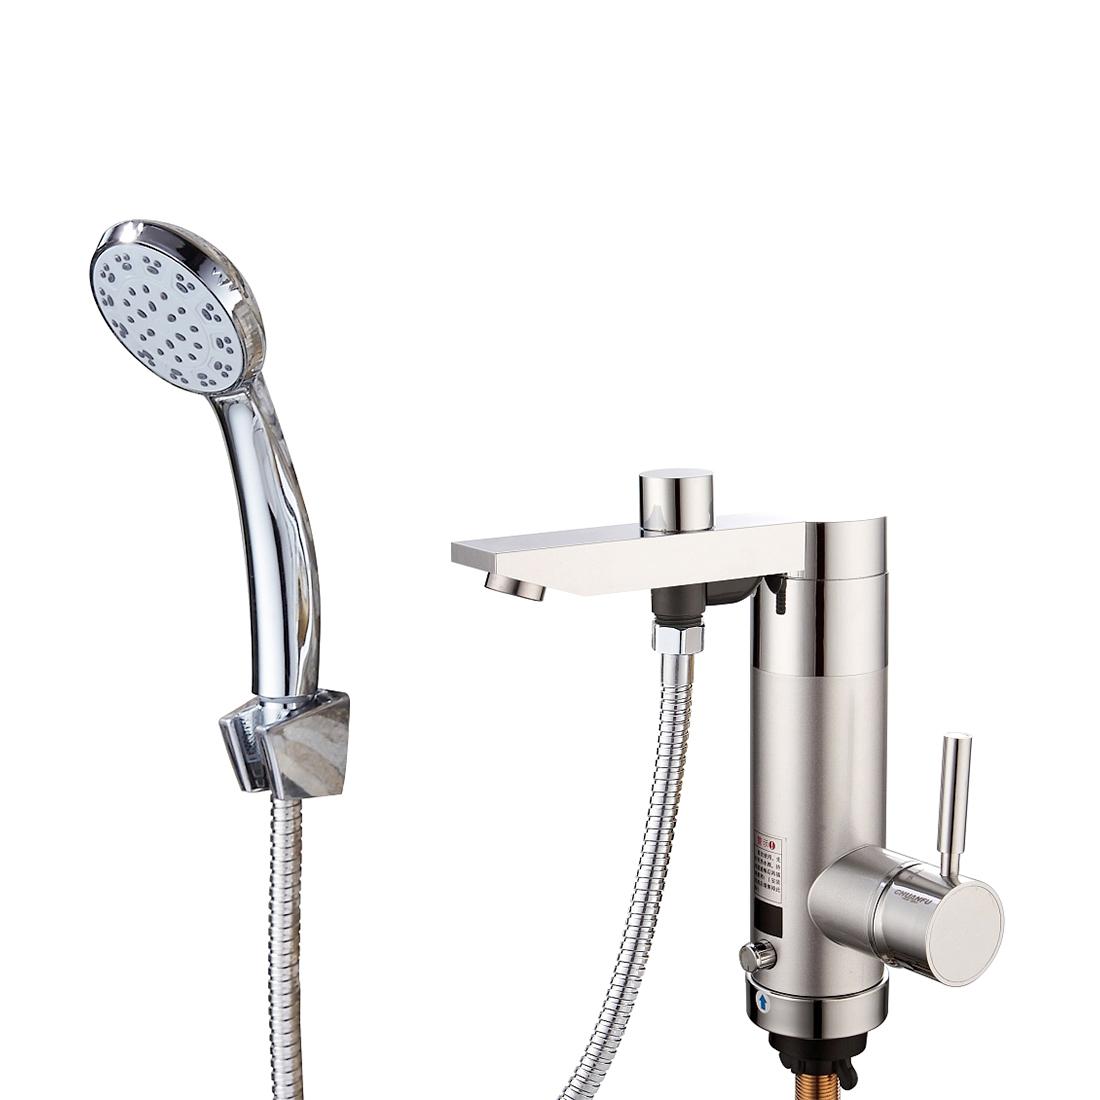 Кран водонагреватель проточной воды AQUA WH105W с душем